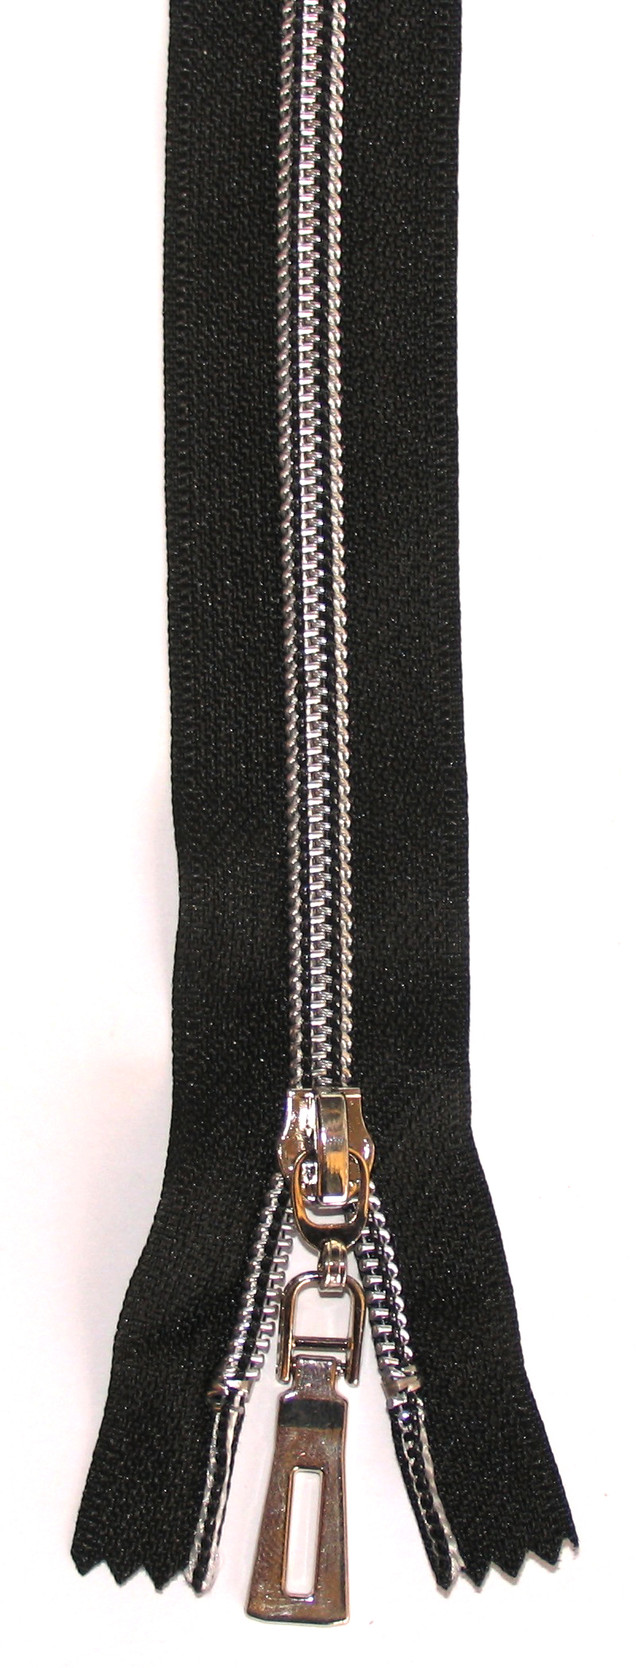 сильвер центральная №7 змейка молния серебрянная на черном 65см